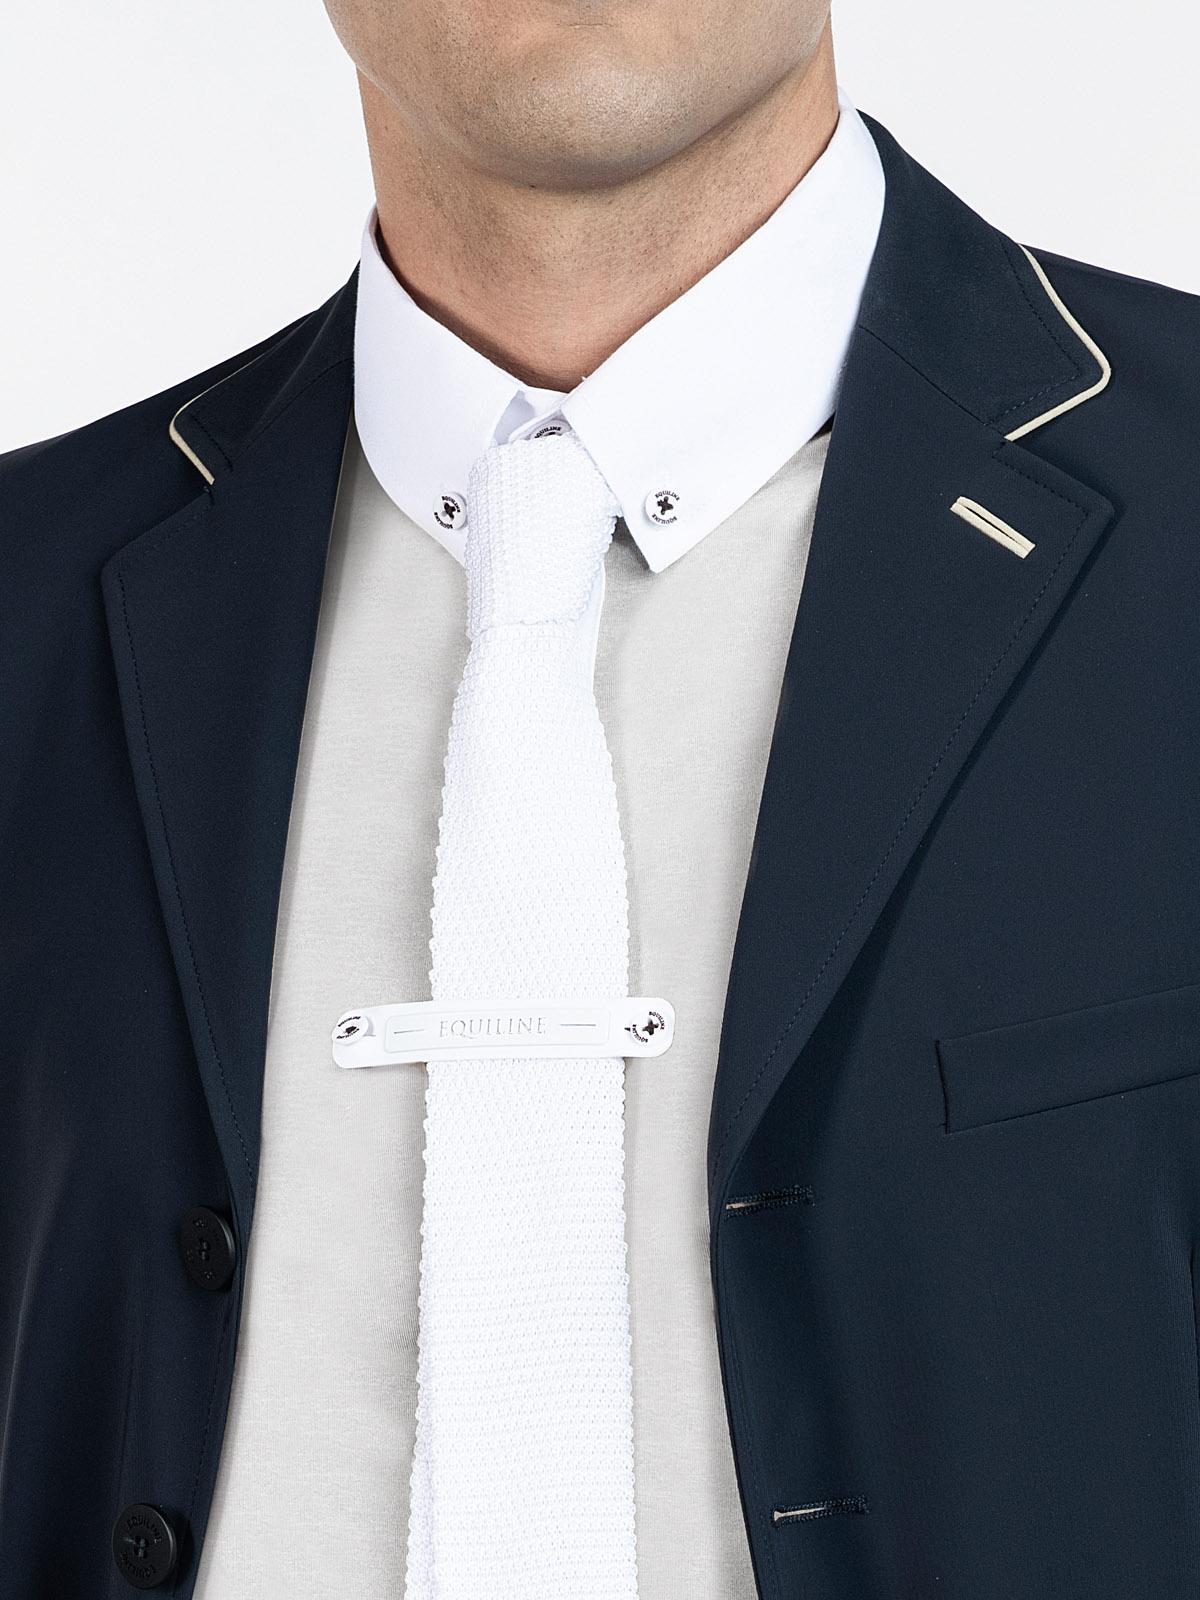 NEW SLIM TIE - Knit Cotton Slim Tie 2